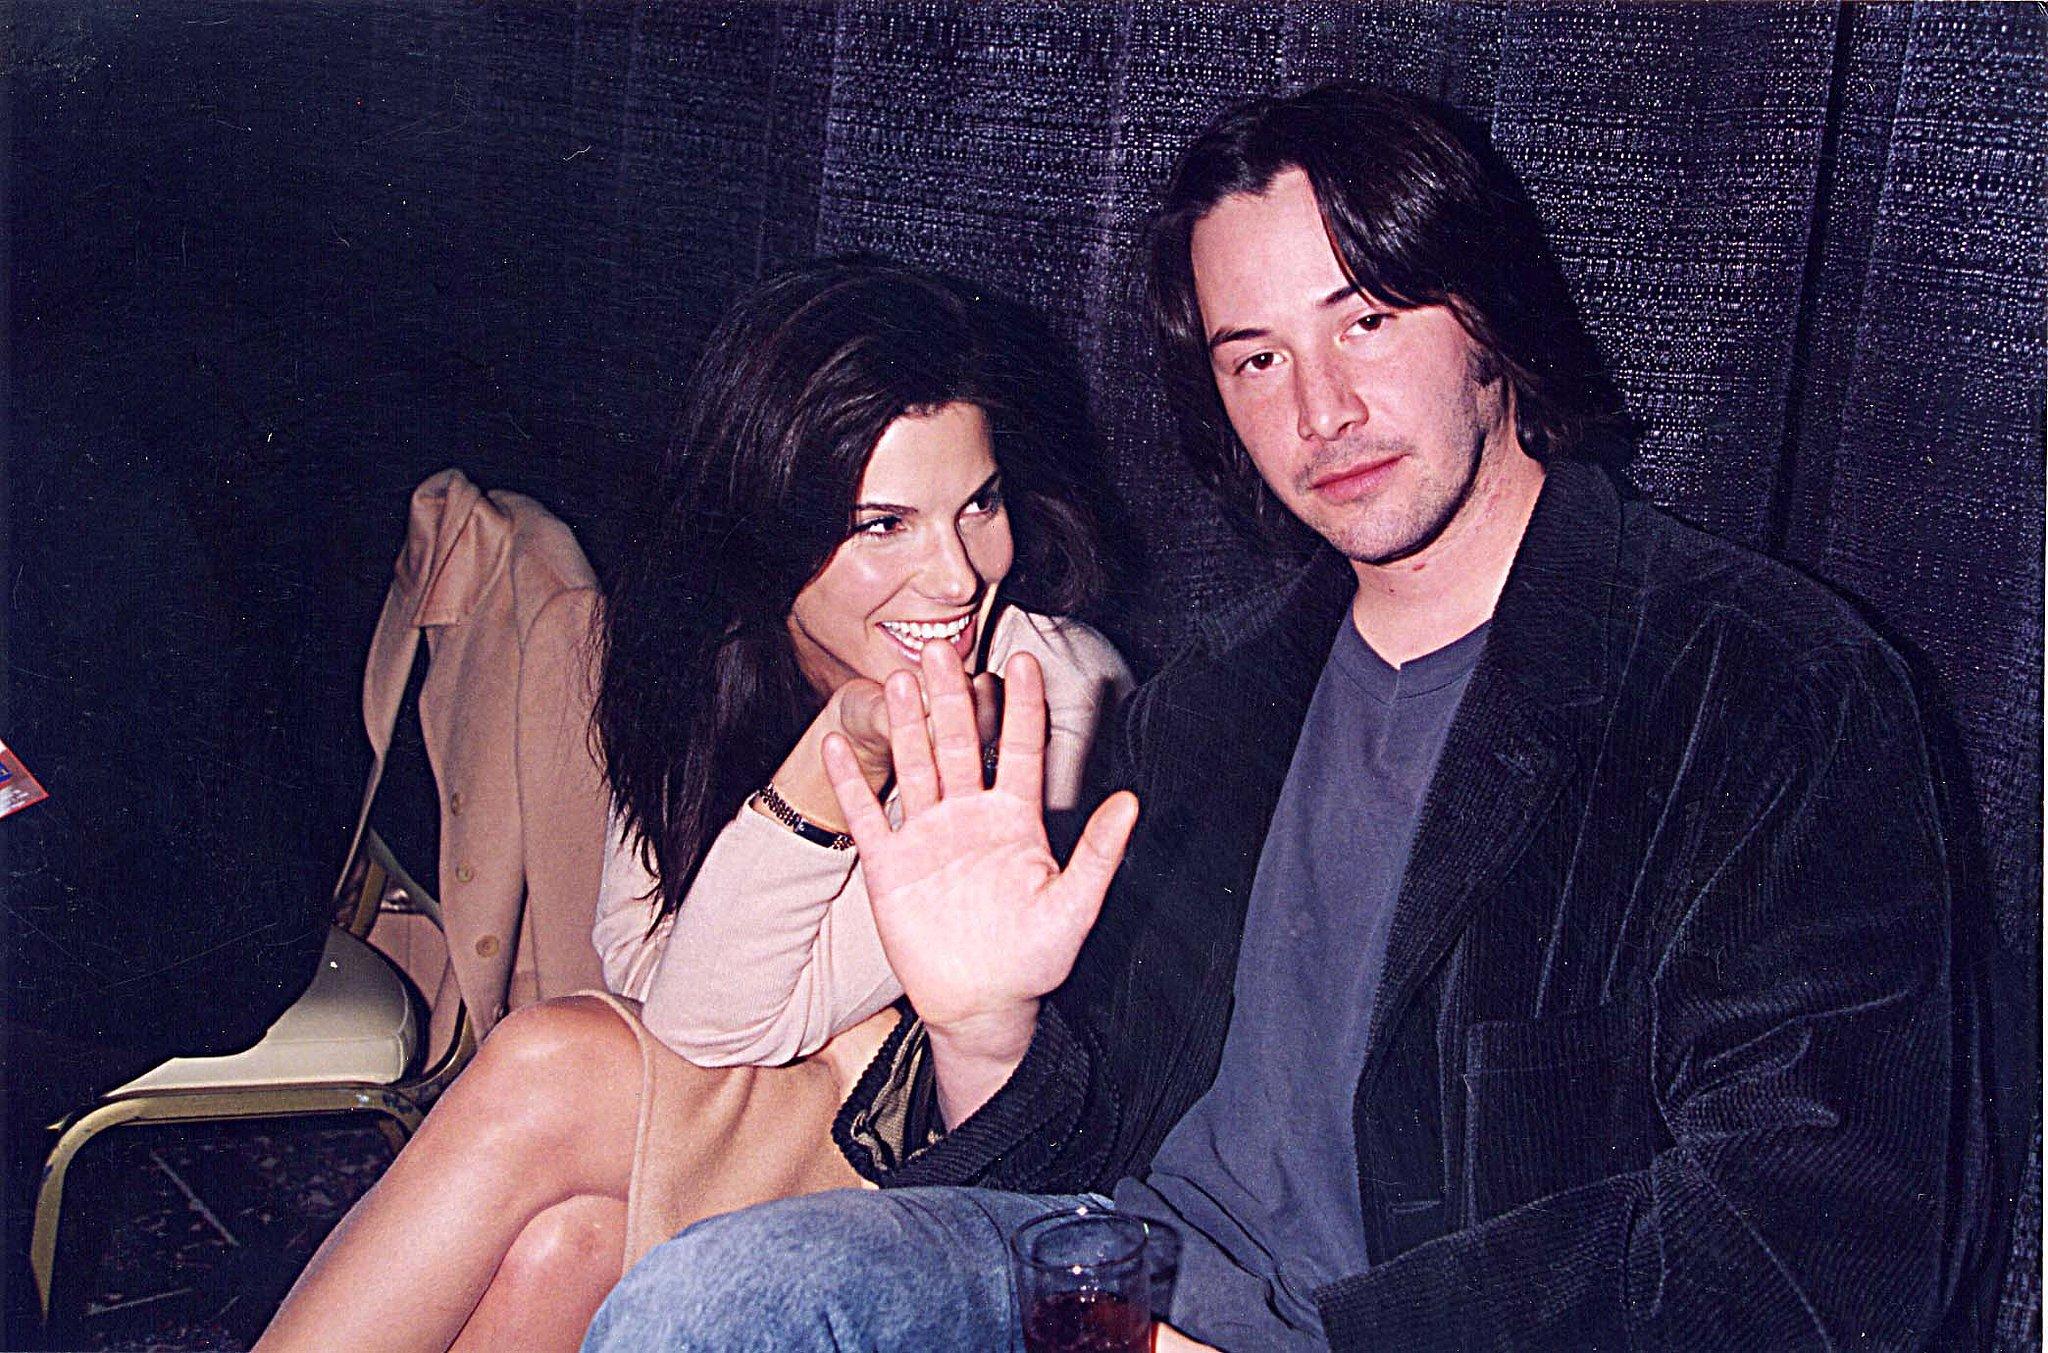 Keanu Reeves? Sandra-Bullock-Keanu-Reeves-were-all-smiles-September-1996